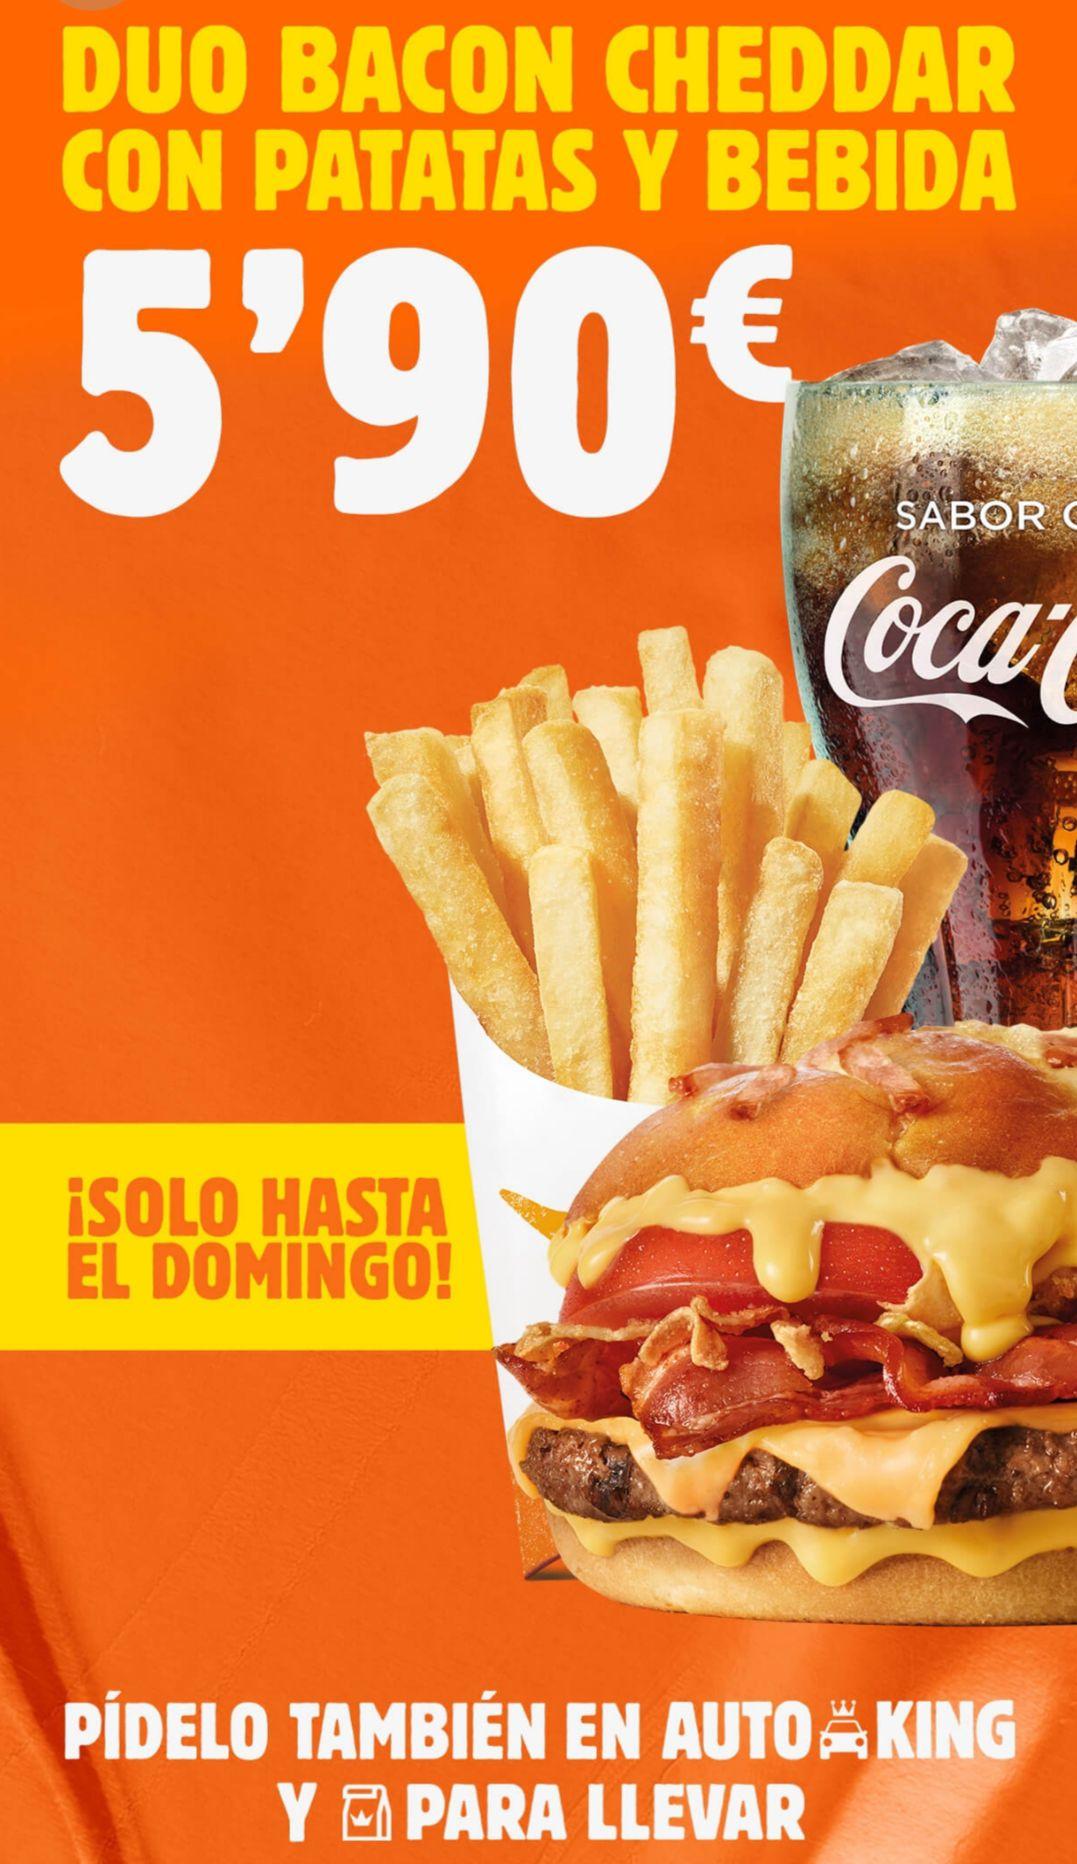 Menú Duo Bacon Cheddar en Burger King